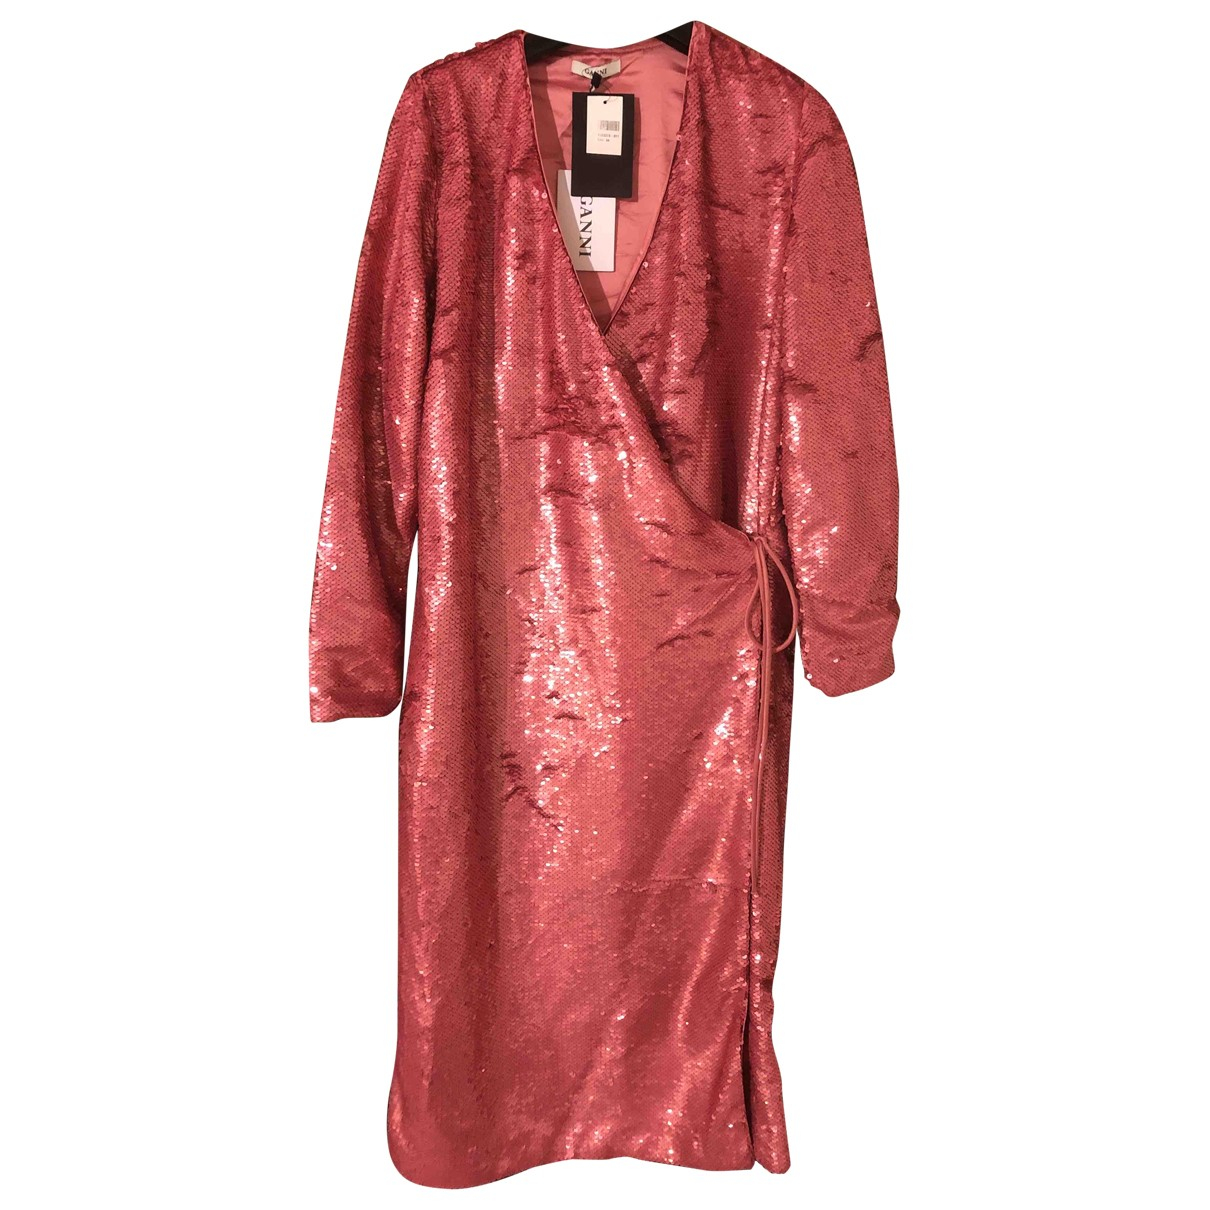 Ganni \N Kleid in  Rosa Mit Pailletten